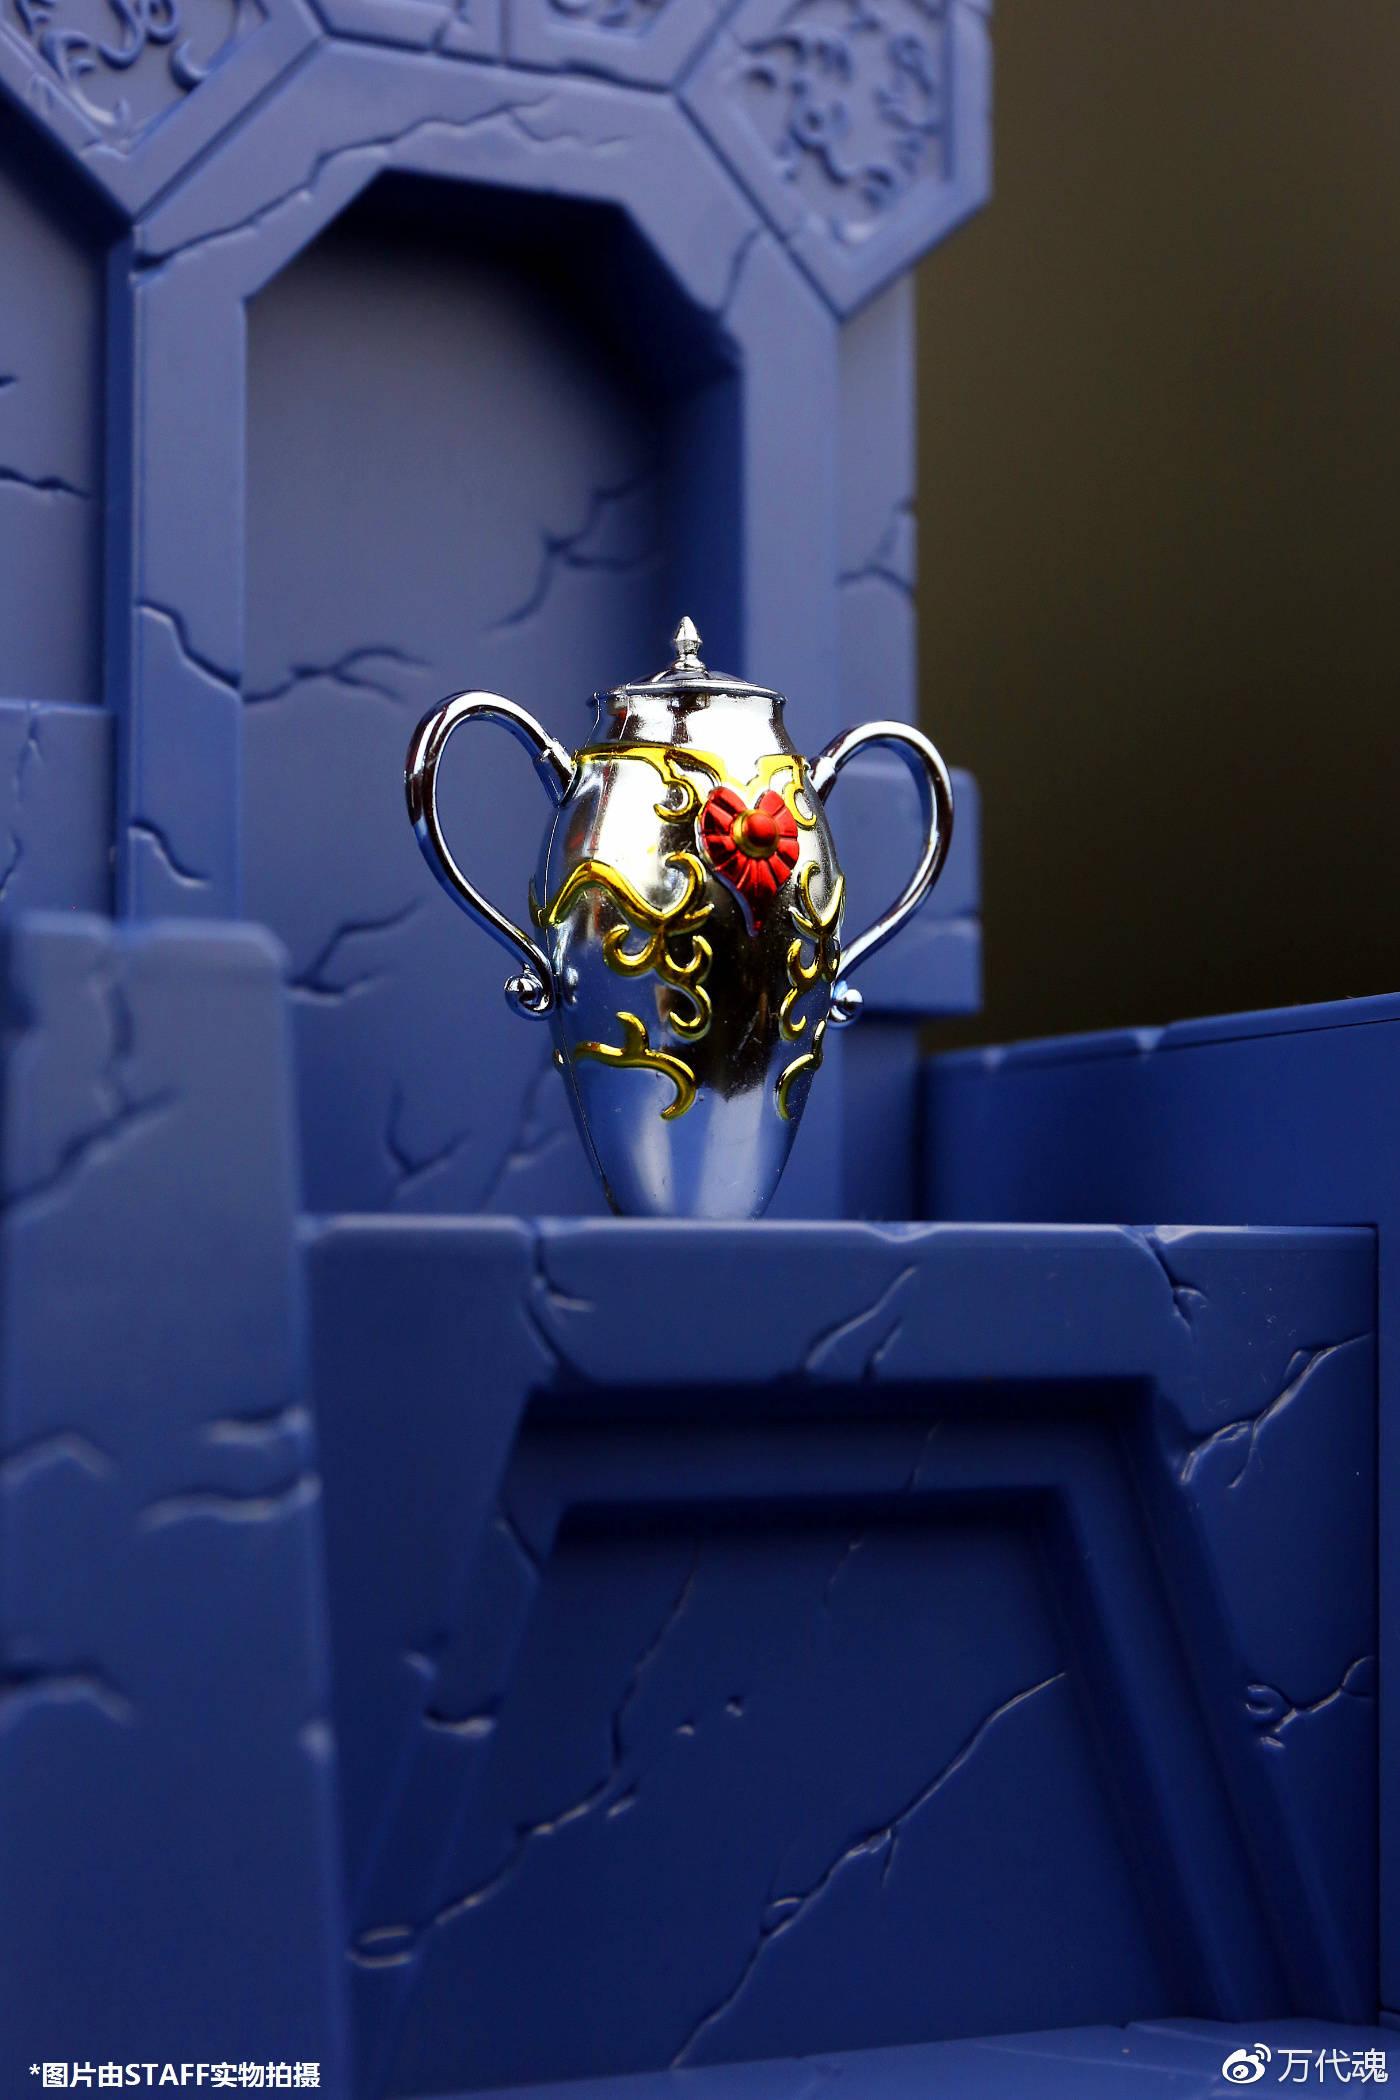 [Imagens] Poseidon EX & Poseidon EX Imperial Throne Set XqMQEwZH_o